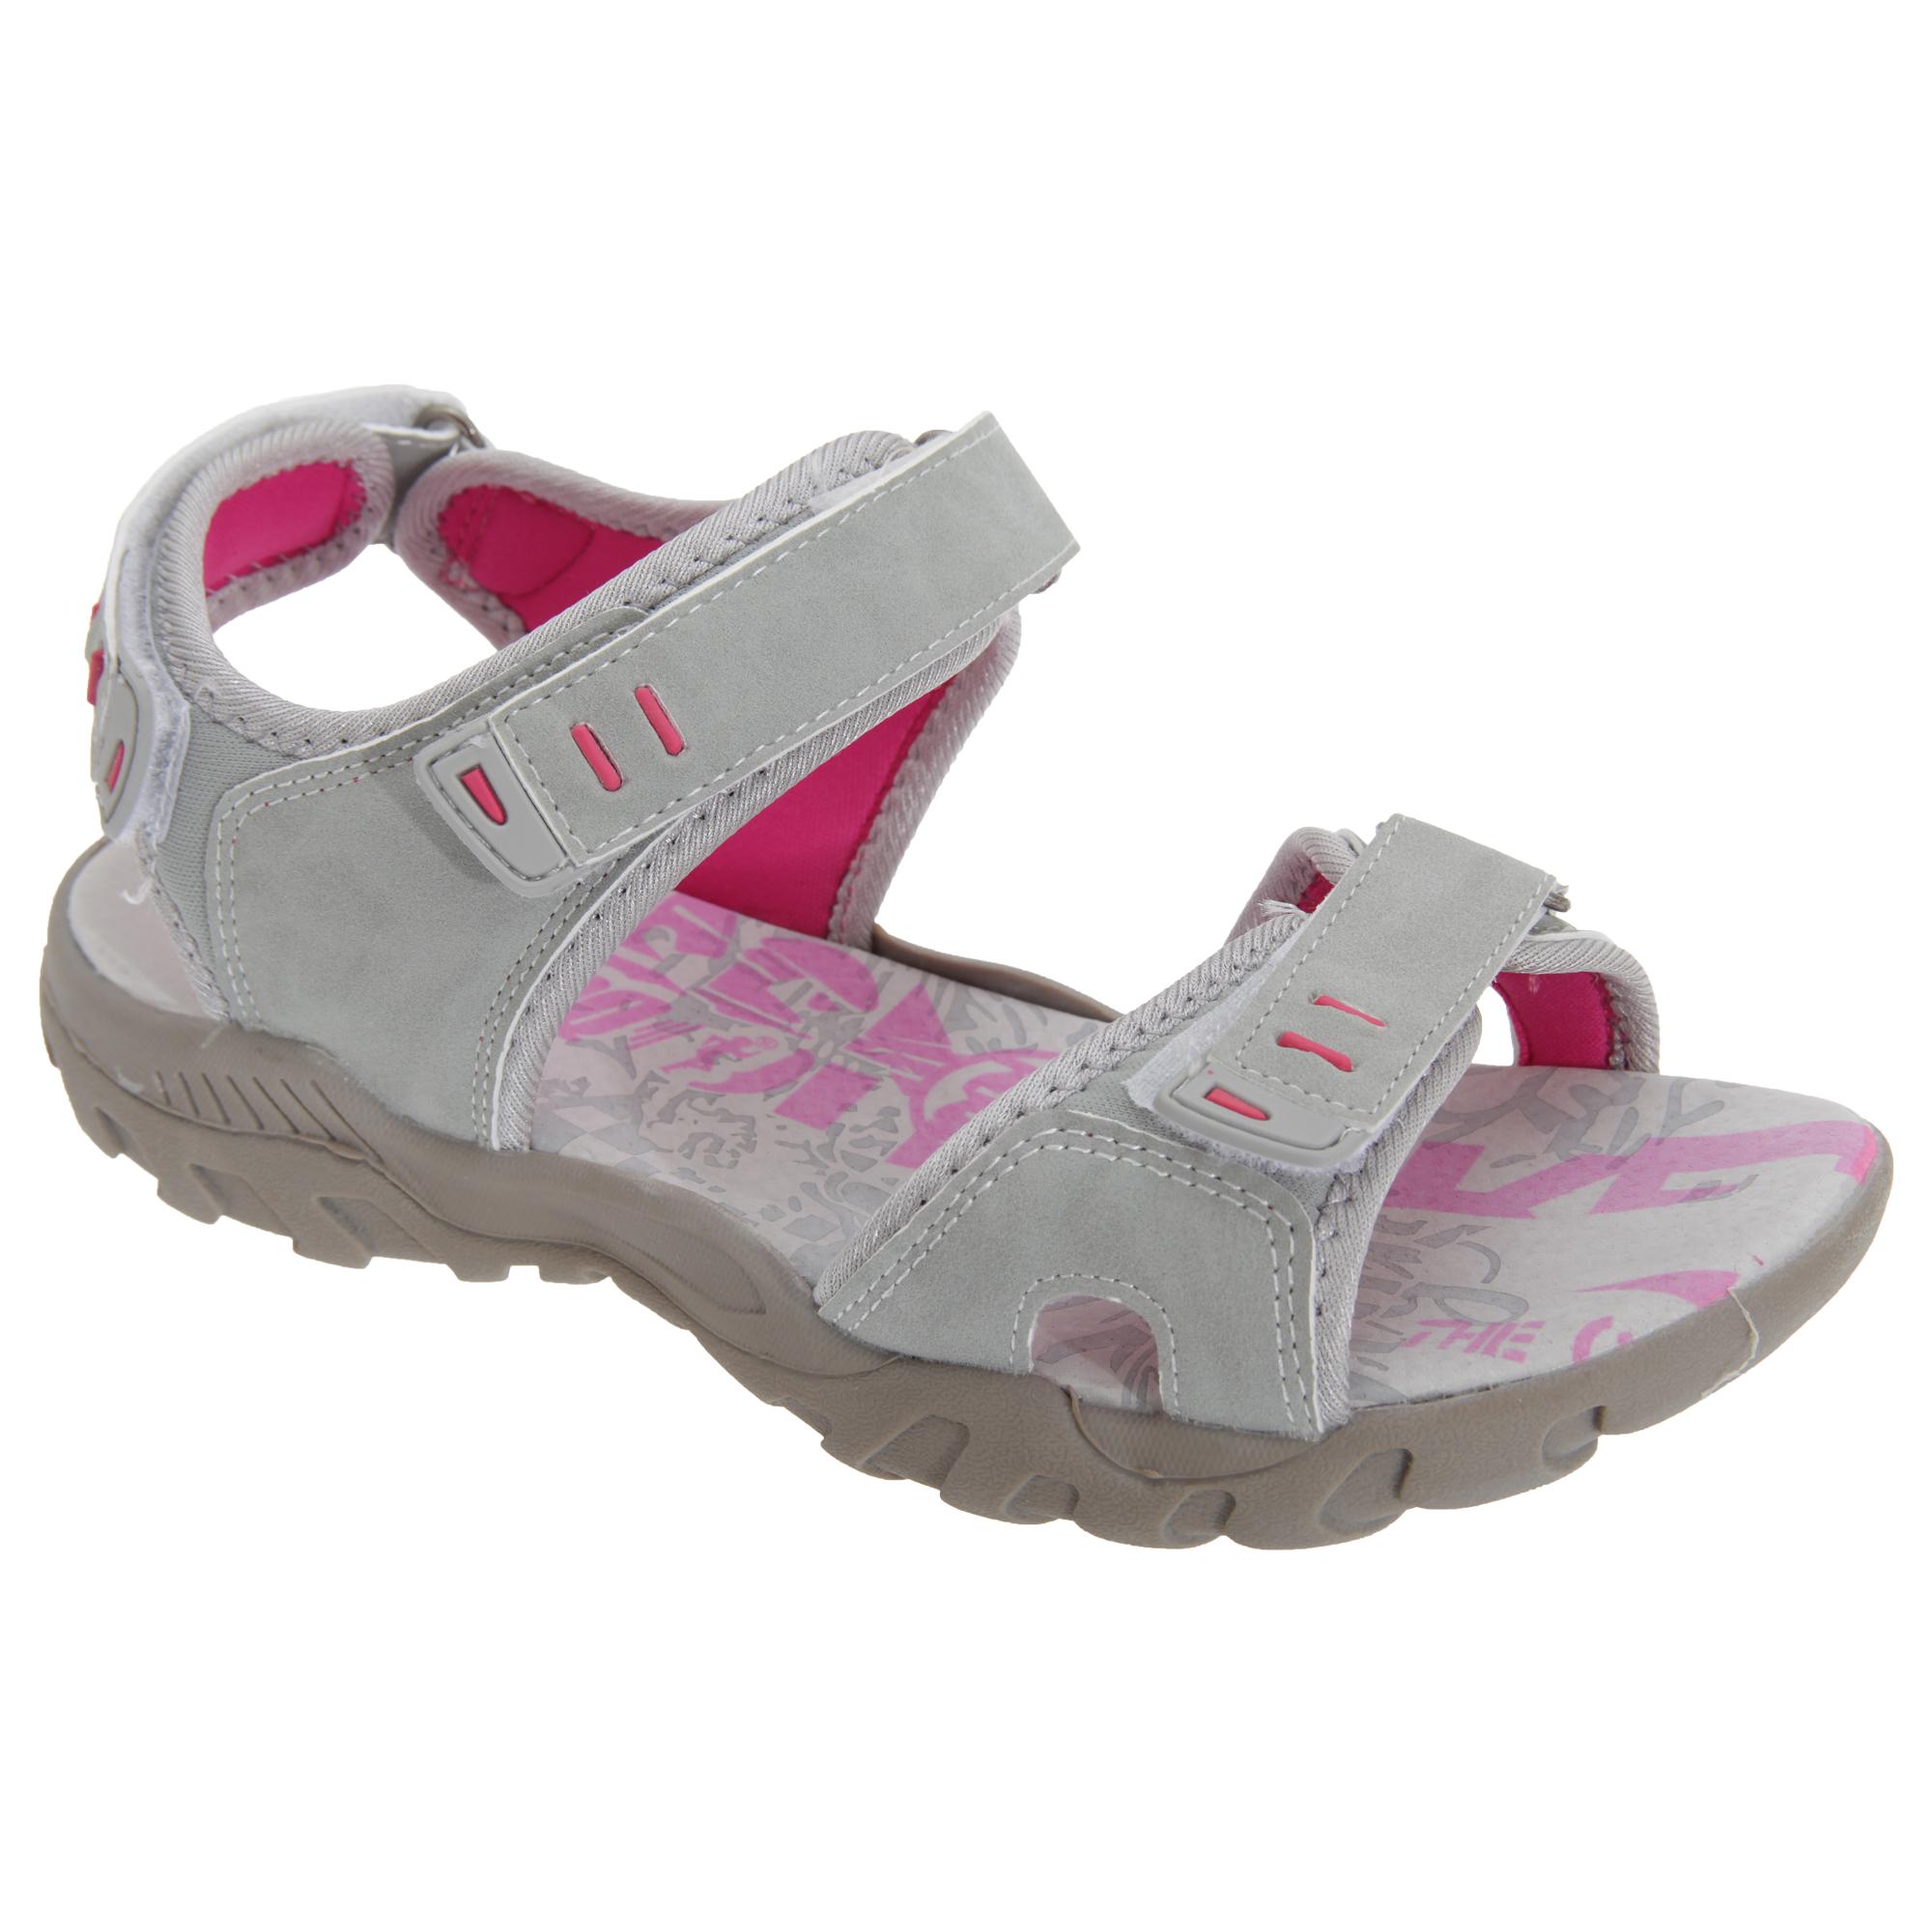 PDQ Damen Sport Sandale/Trekkingsandale mit Klettverschluss (7 UK/40 EU) (Hellgrau/Mint) d2jgXNl